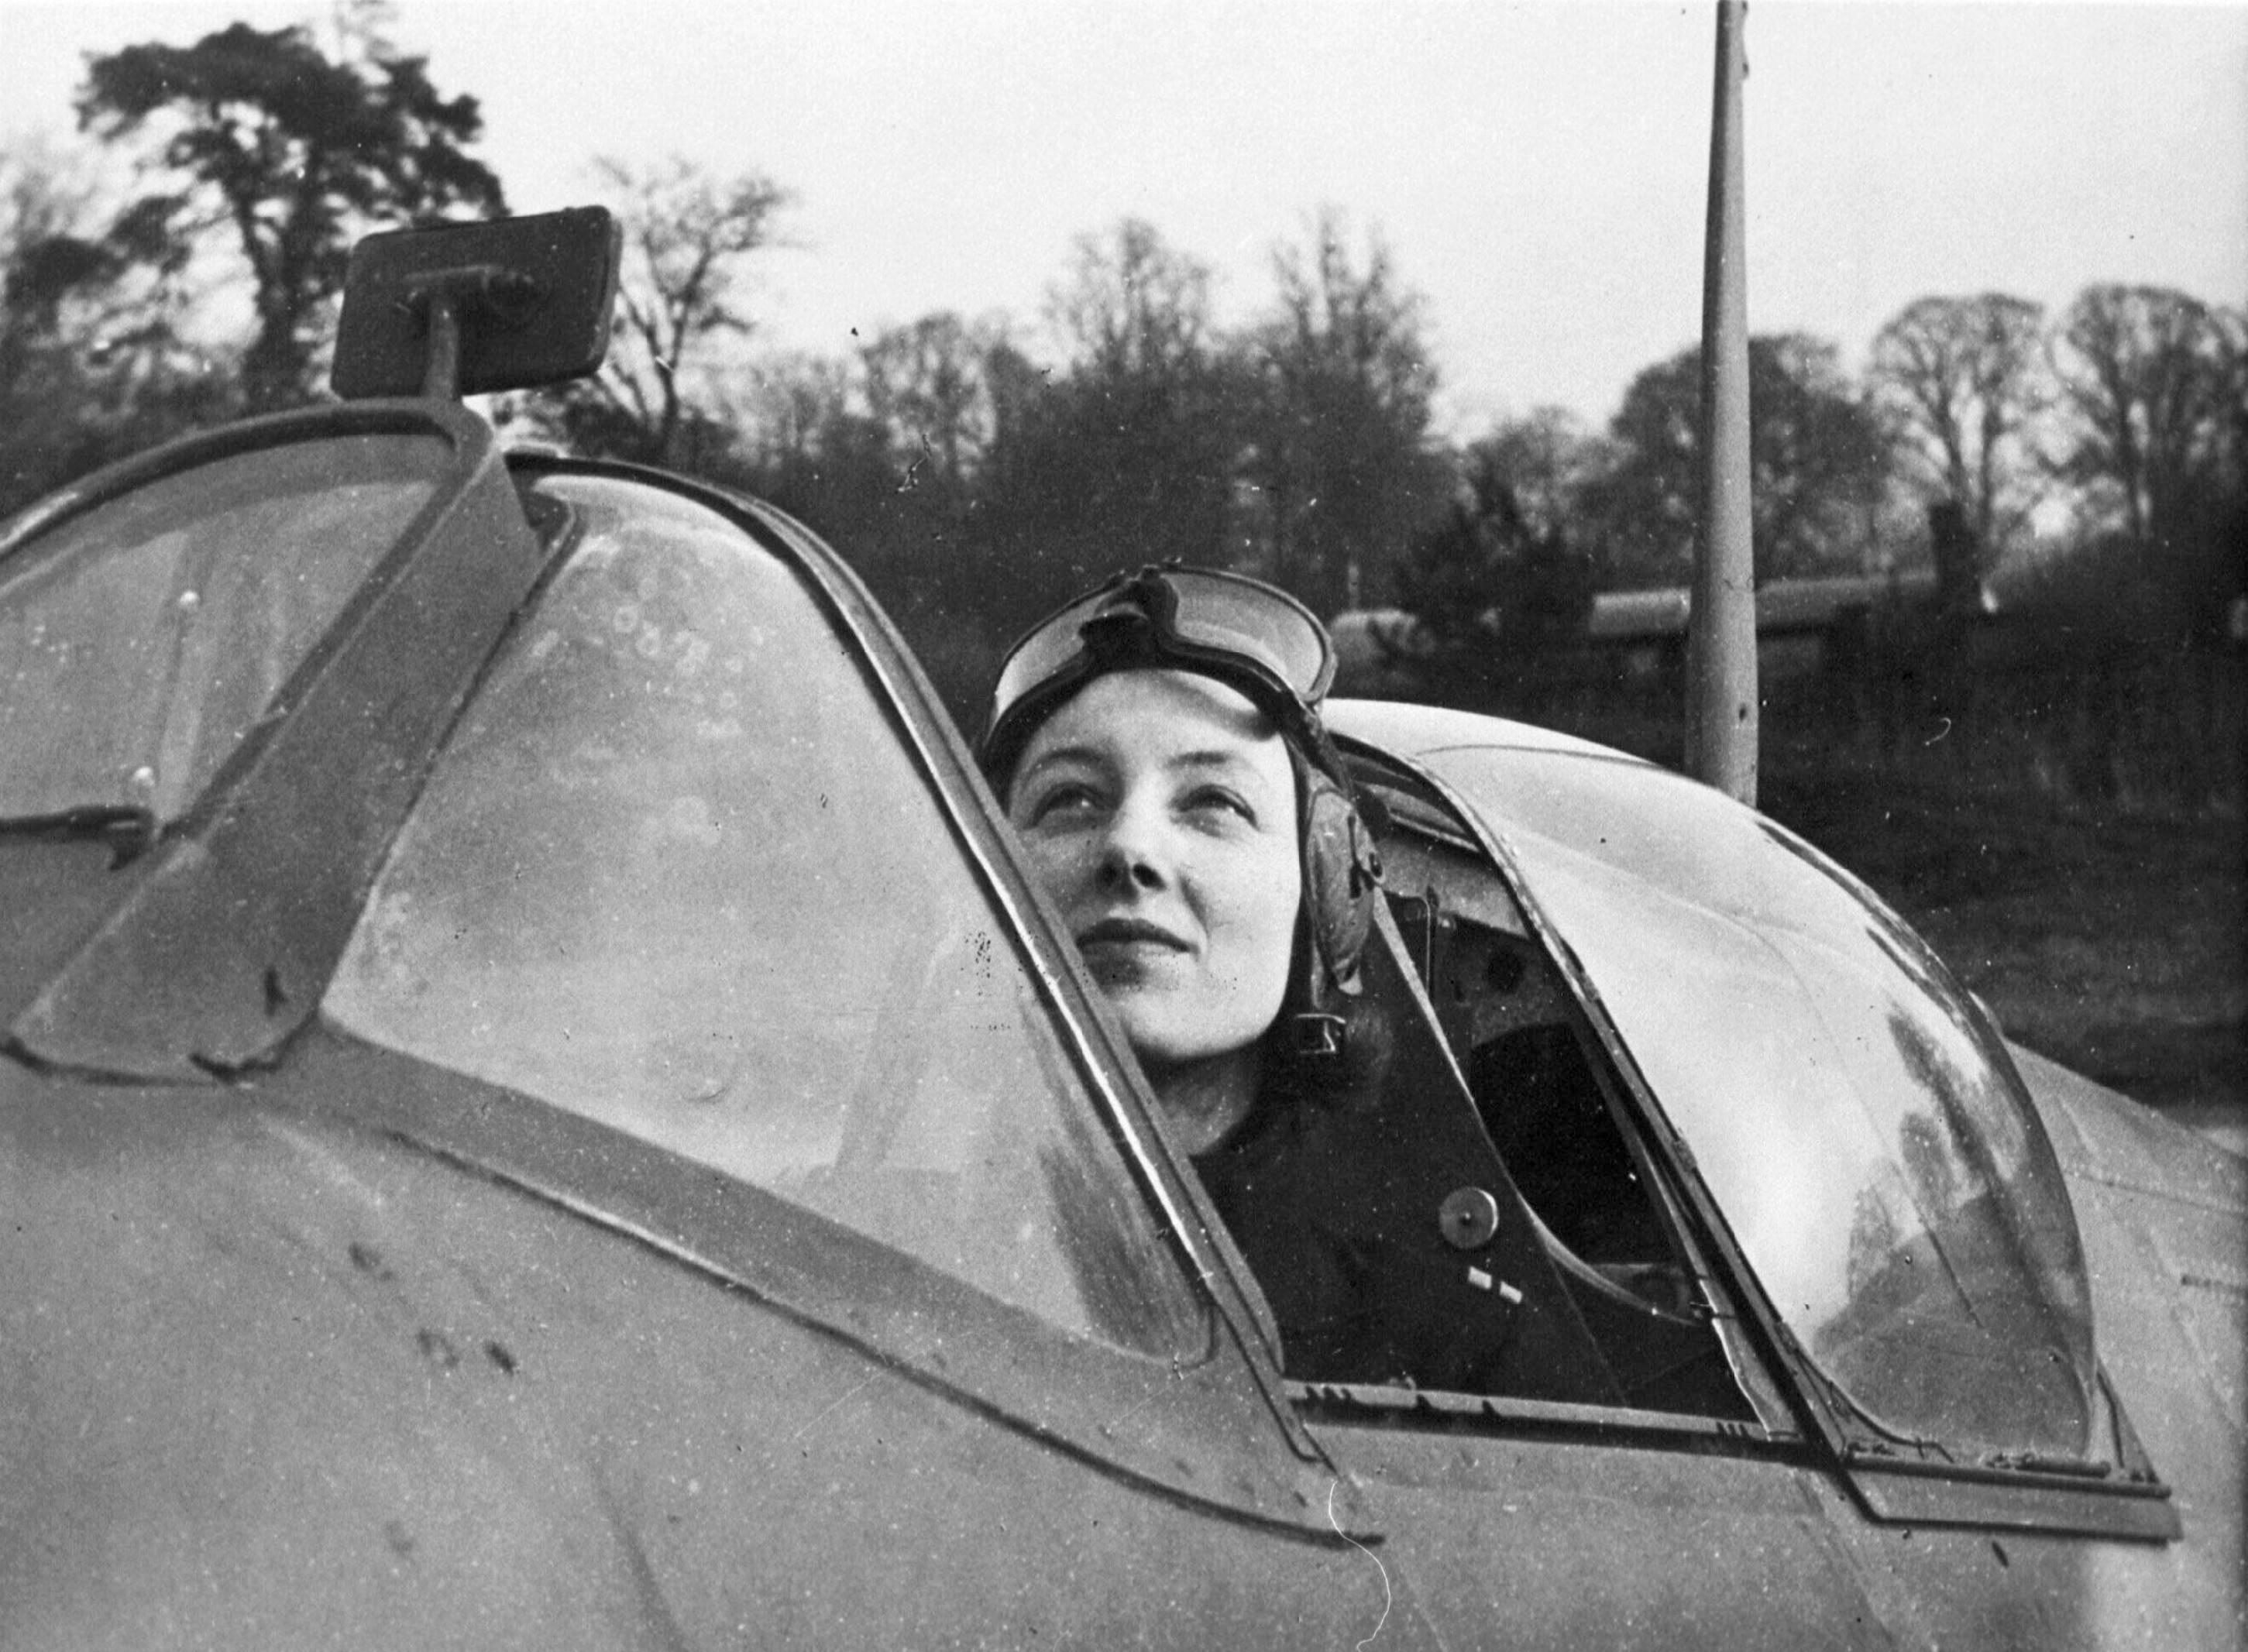 Aircrew RAF Veronica X a Dutch ferry pilot for the ATA 22nd Feb 1943 NIOD